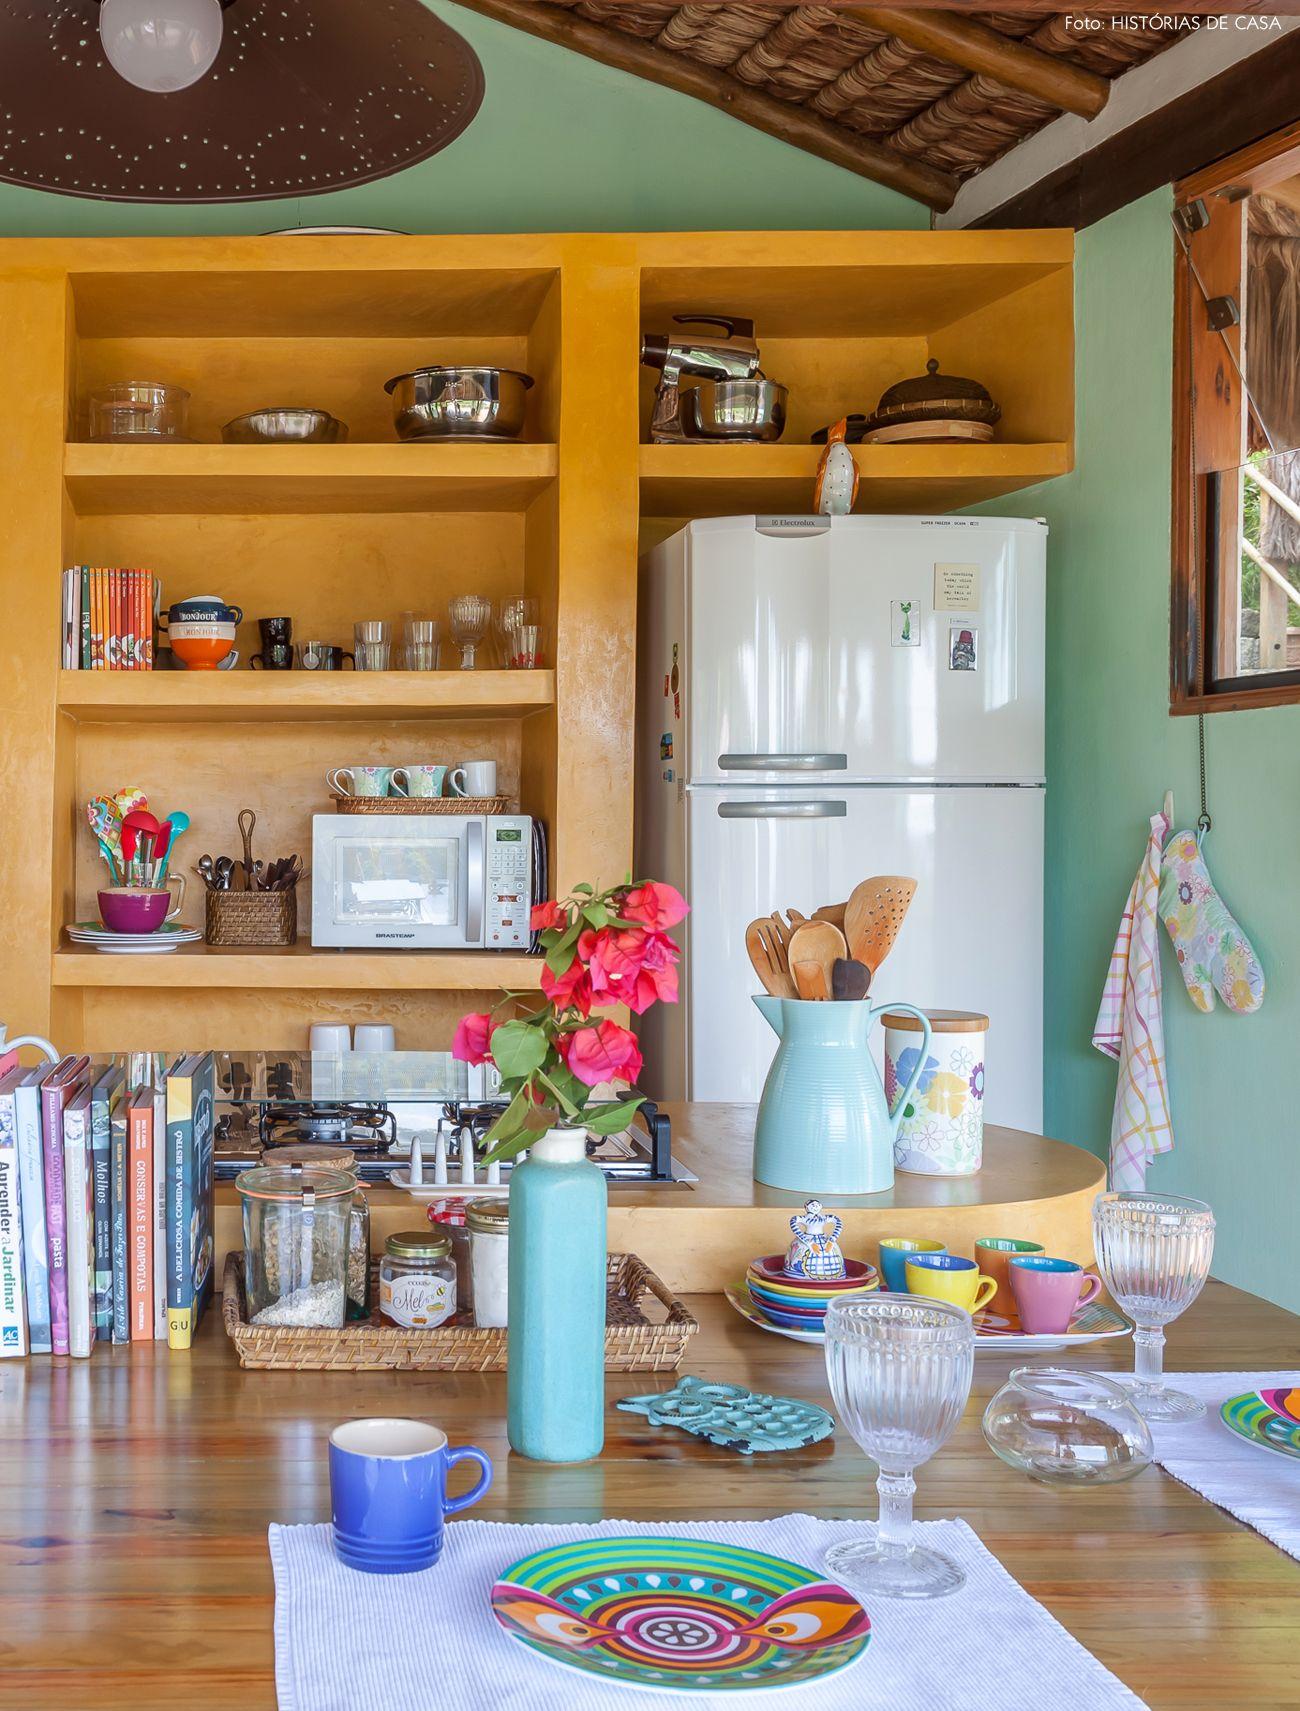 8c801a073 Cozinha com armário aberto de alvenaria pintado de amarelo e bancada de  madeira que faz as vezes de mesa.